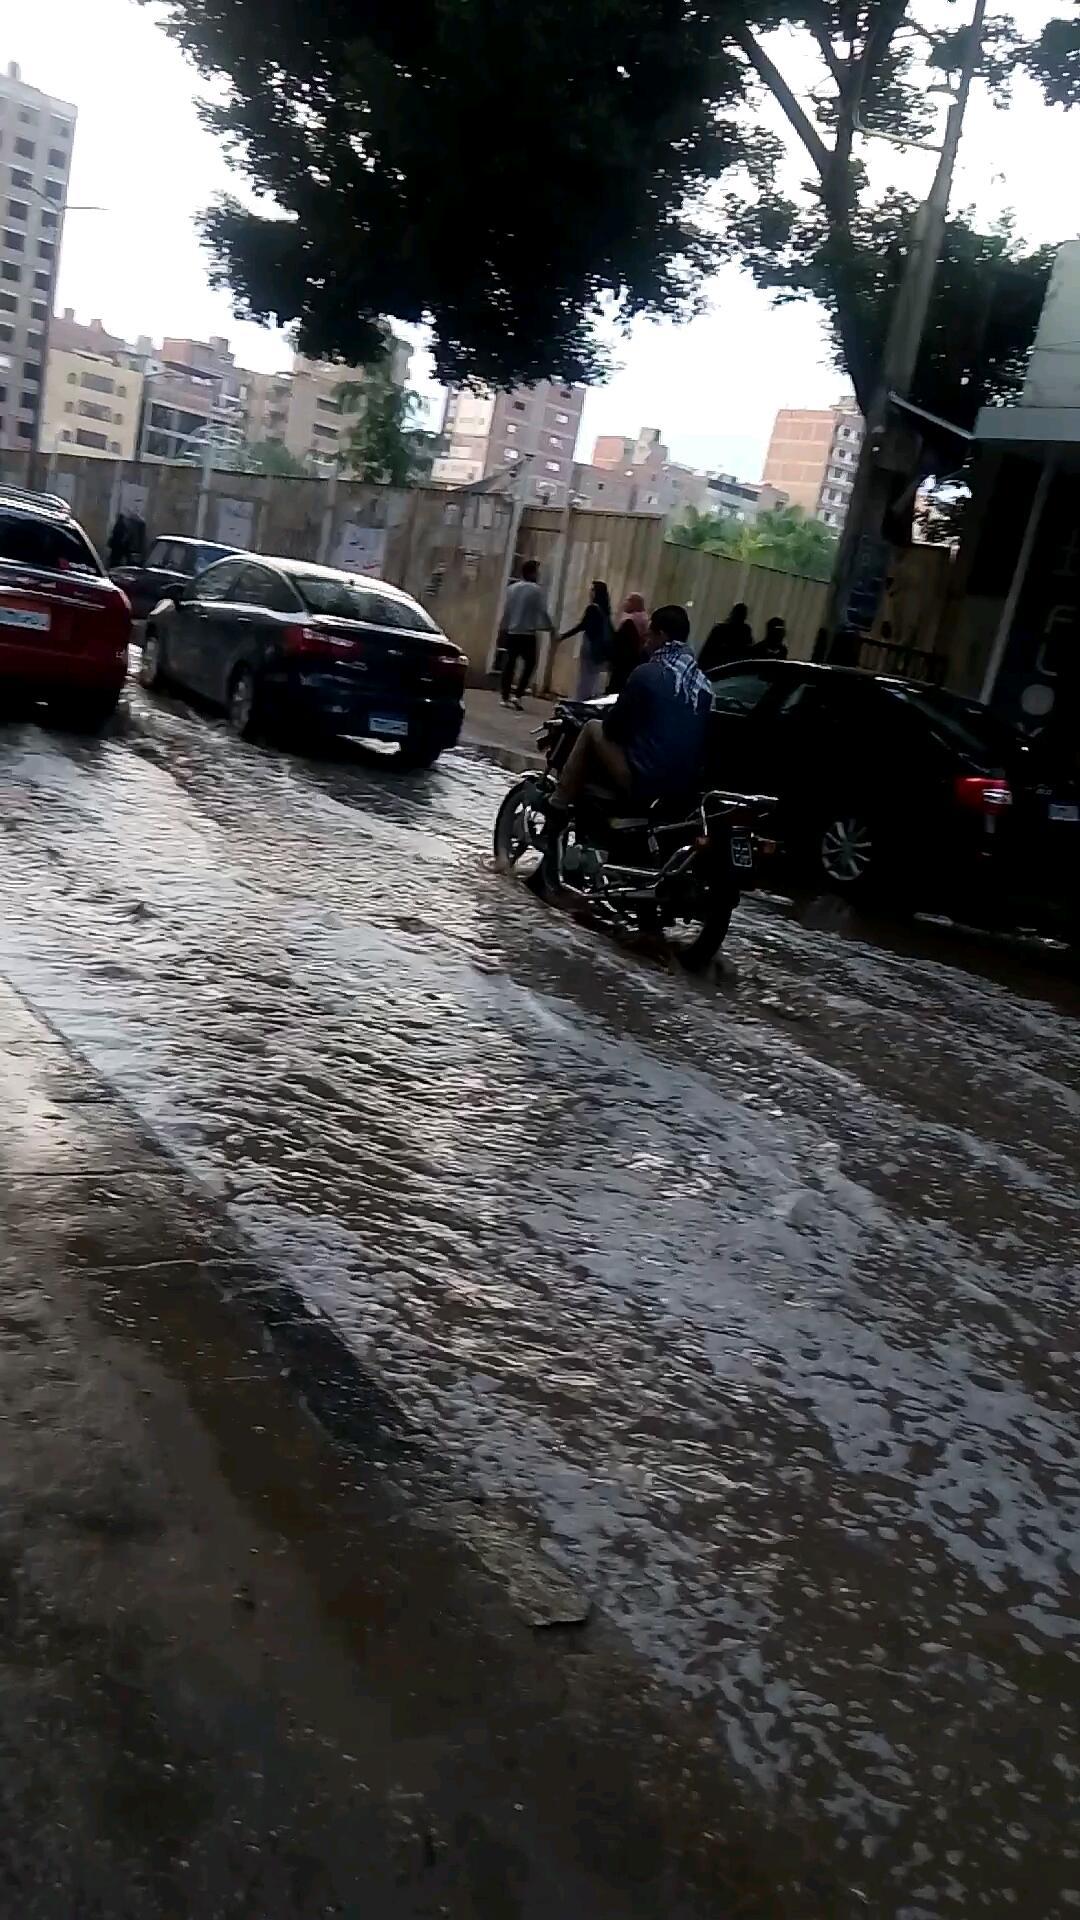 غرق شوارع الشرقية بسبب الأمطار (1)